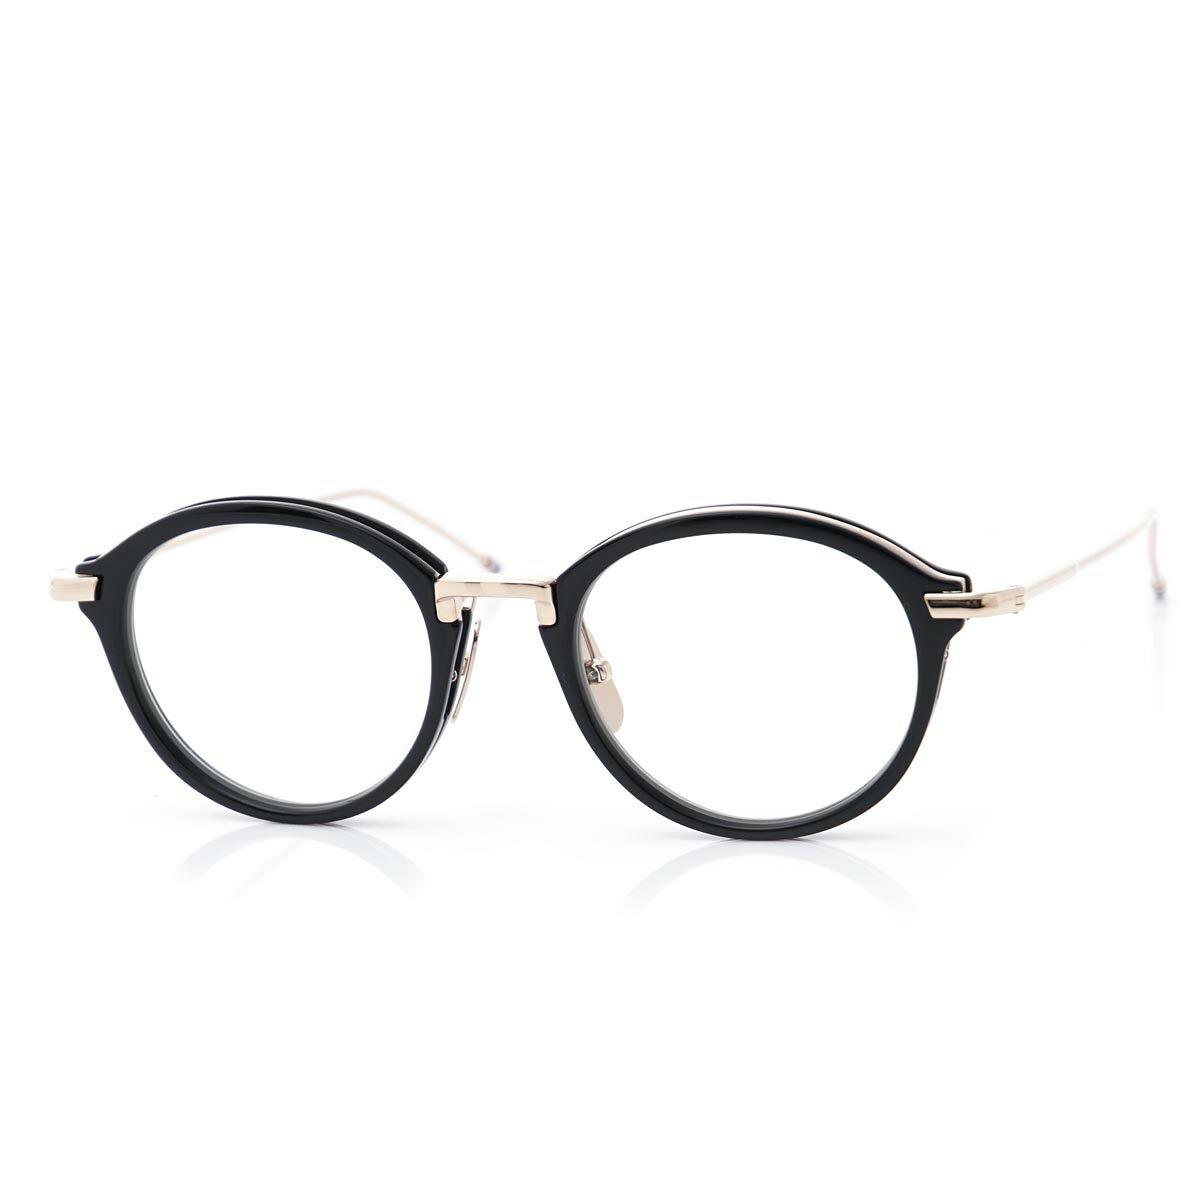 トムブラウン THOM BROWNE. 眼鏡 メガネ ブラック メンズ ギフト プレゼント tb 011 a blk gld 46 オーバル【あす楽対応_関東】【ラッピング無料】【返品送料無料】【180625】